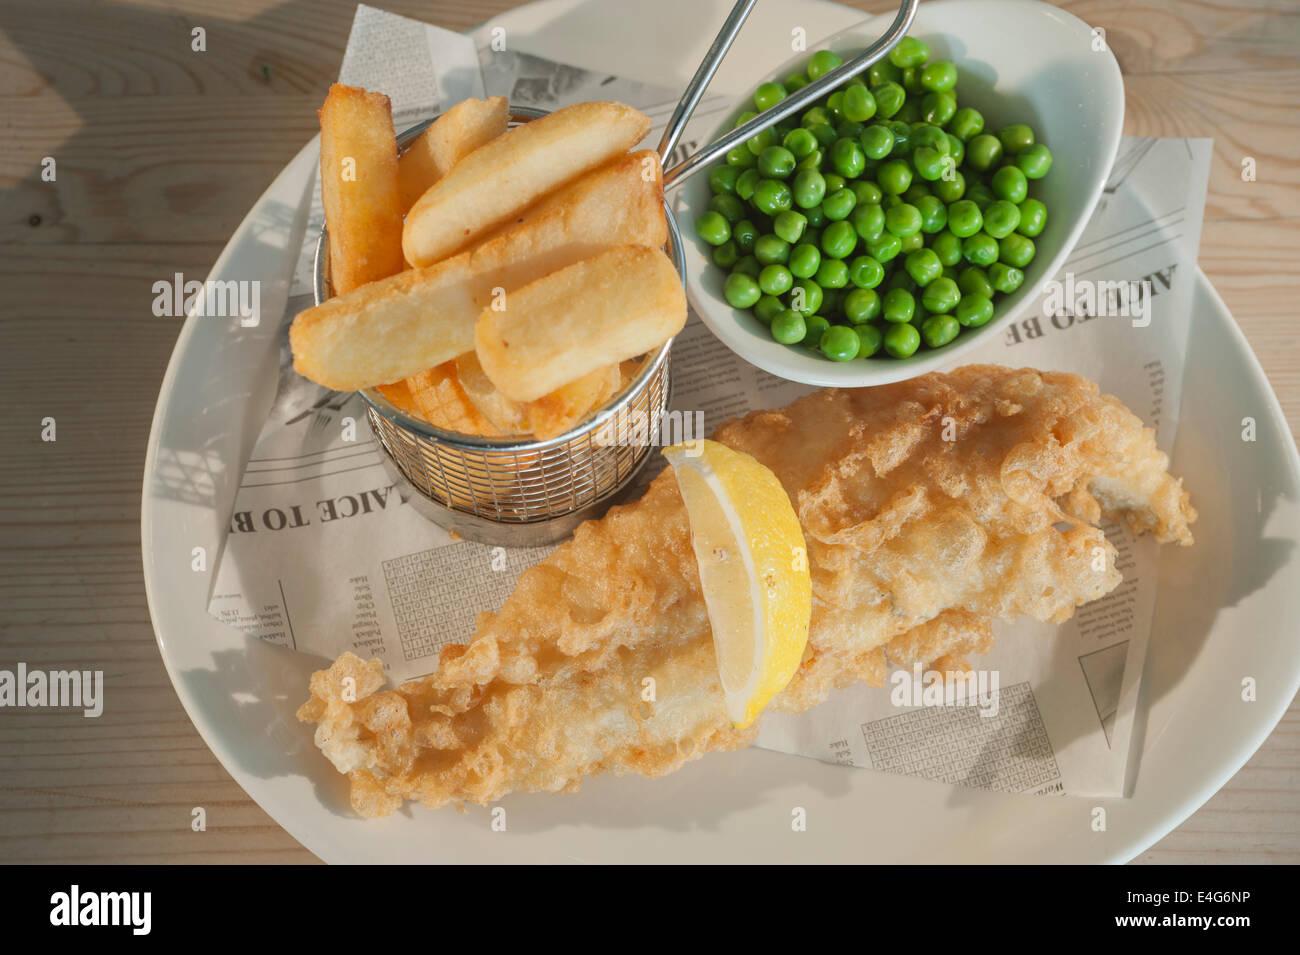 Fish and Chips (Deep Fried eglefino en bateador) con guisantes y un segmento de limón sobre una placa blanca Imagen De Stock